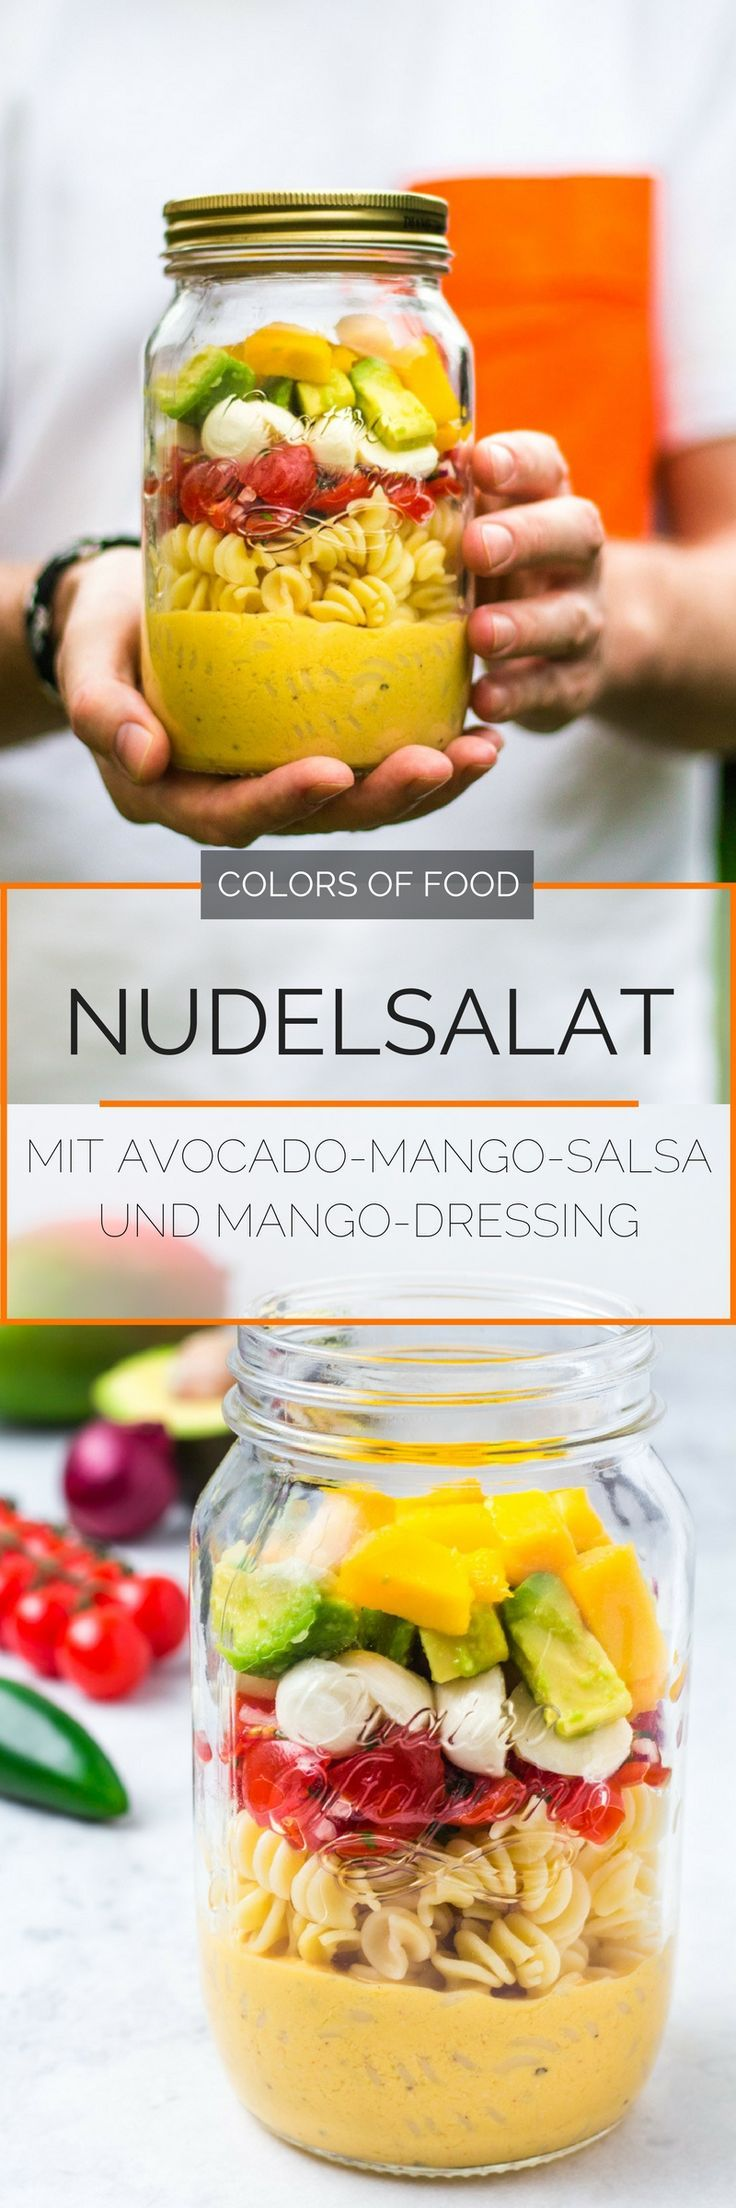 Hier findest du das Rezept für einen tollen, mexikanisch inspirierten sommerlic…